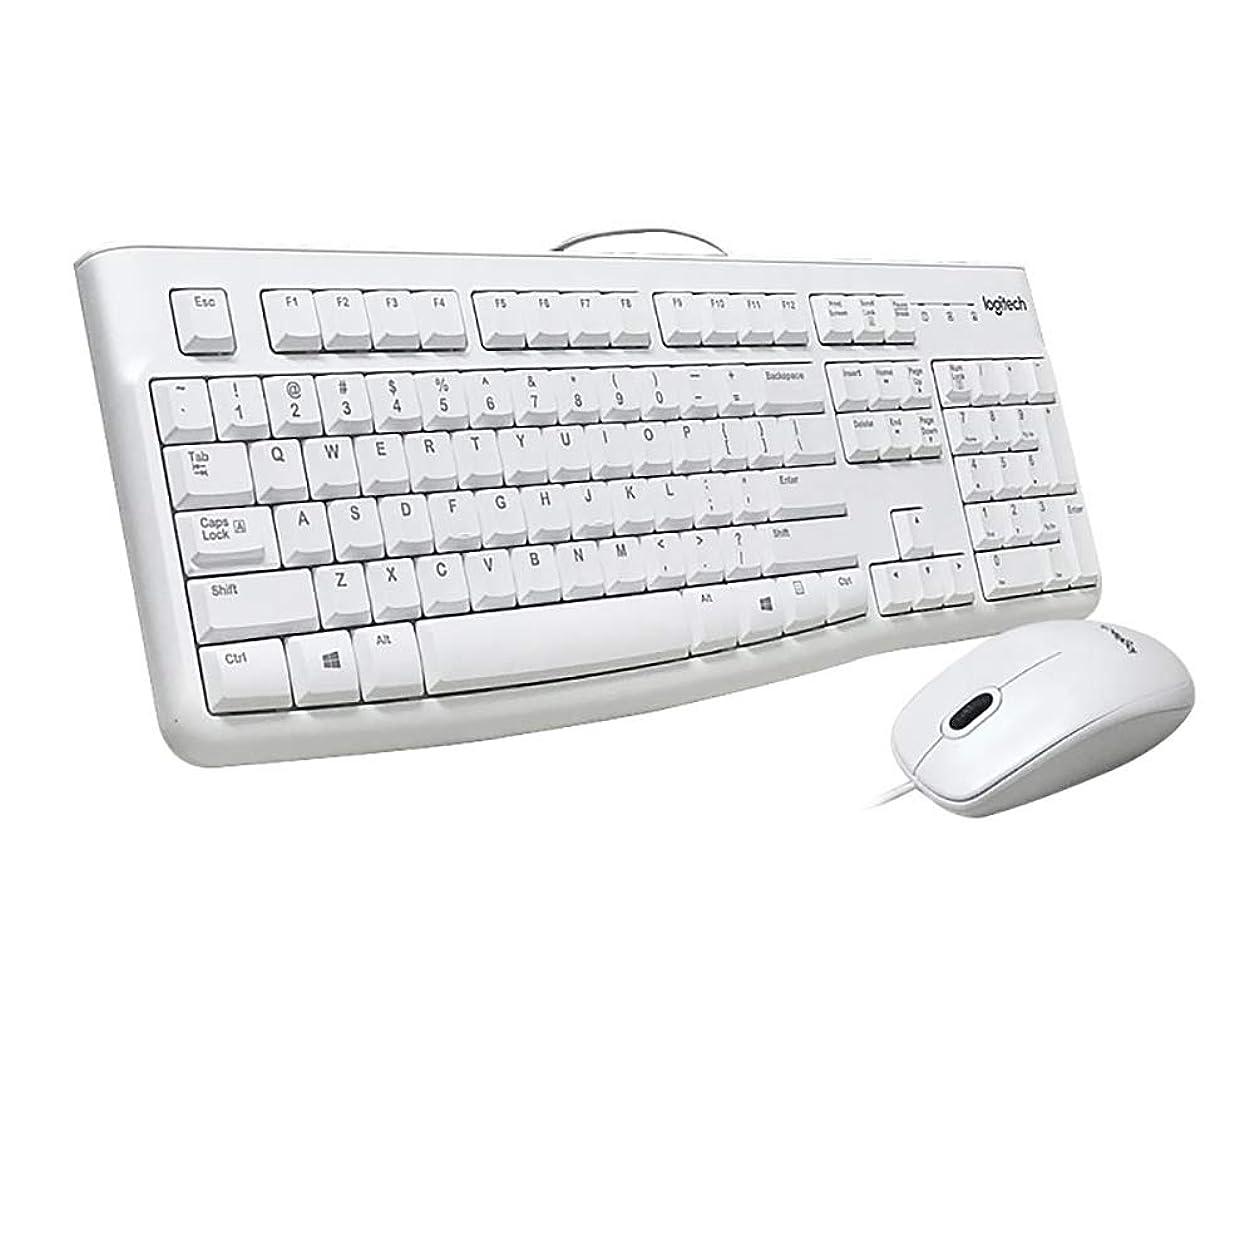 たとえ湿気の多い言い直す人間工学に基づいた防水、快適で耐久性のあるコンピュータゲームのキーボードをサポ快適、流暢、人間工学的、